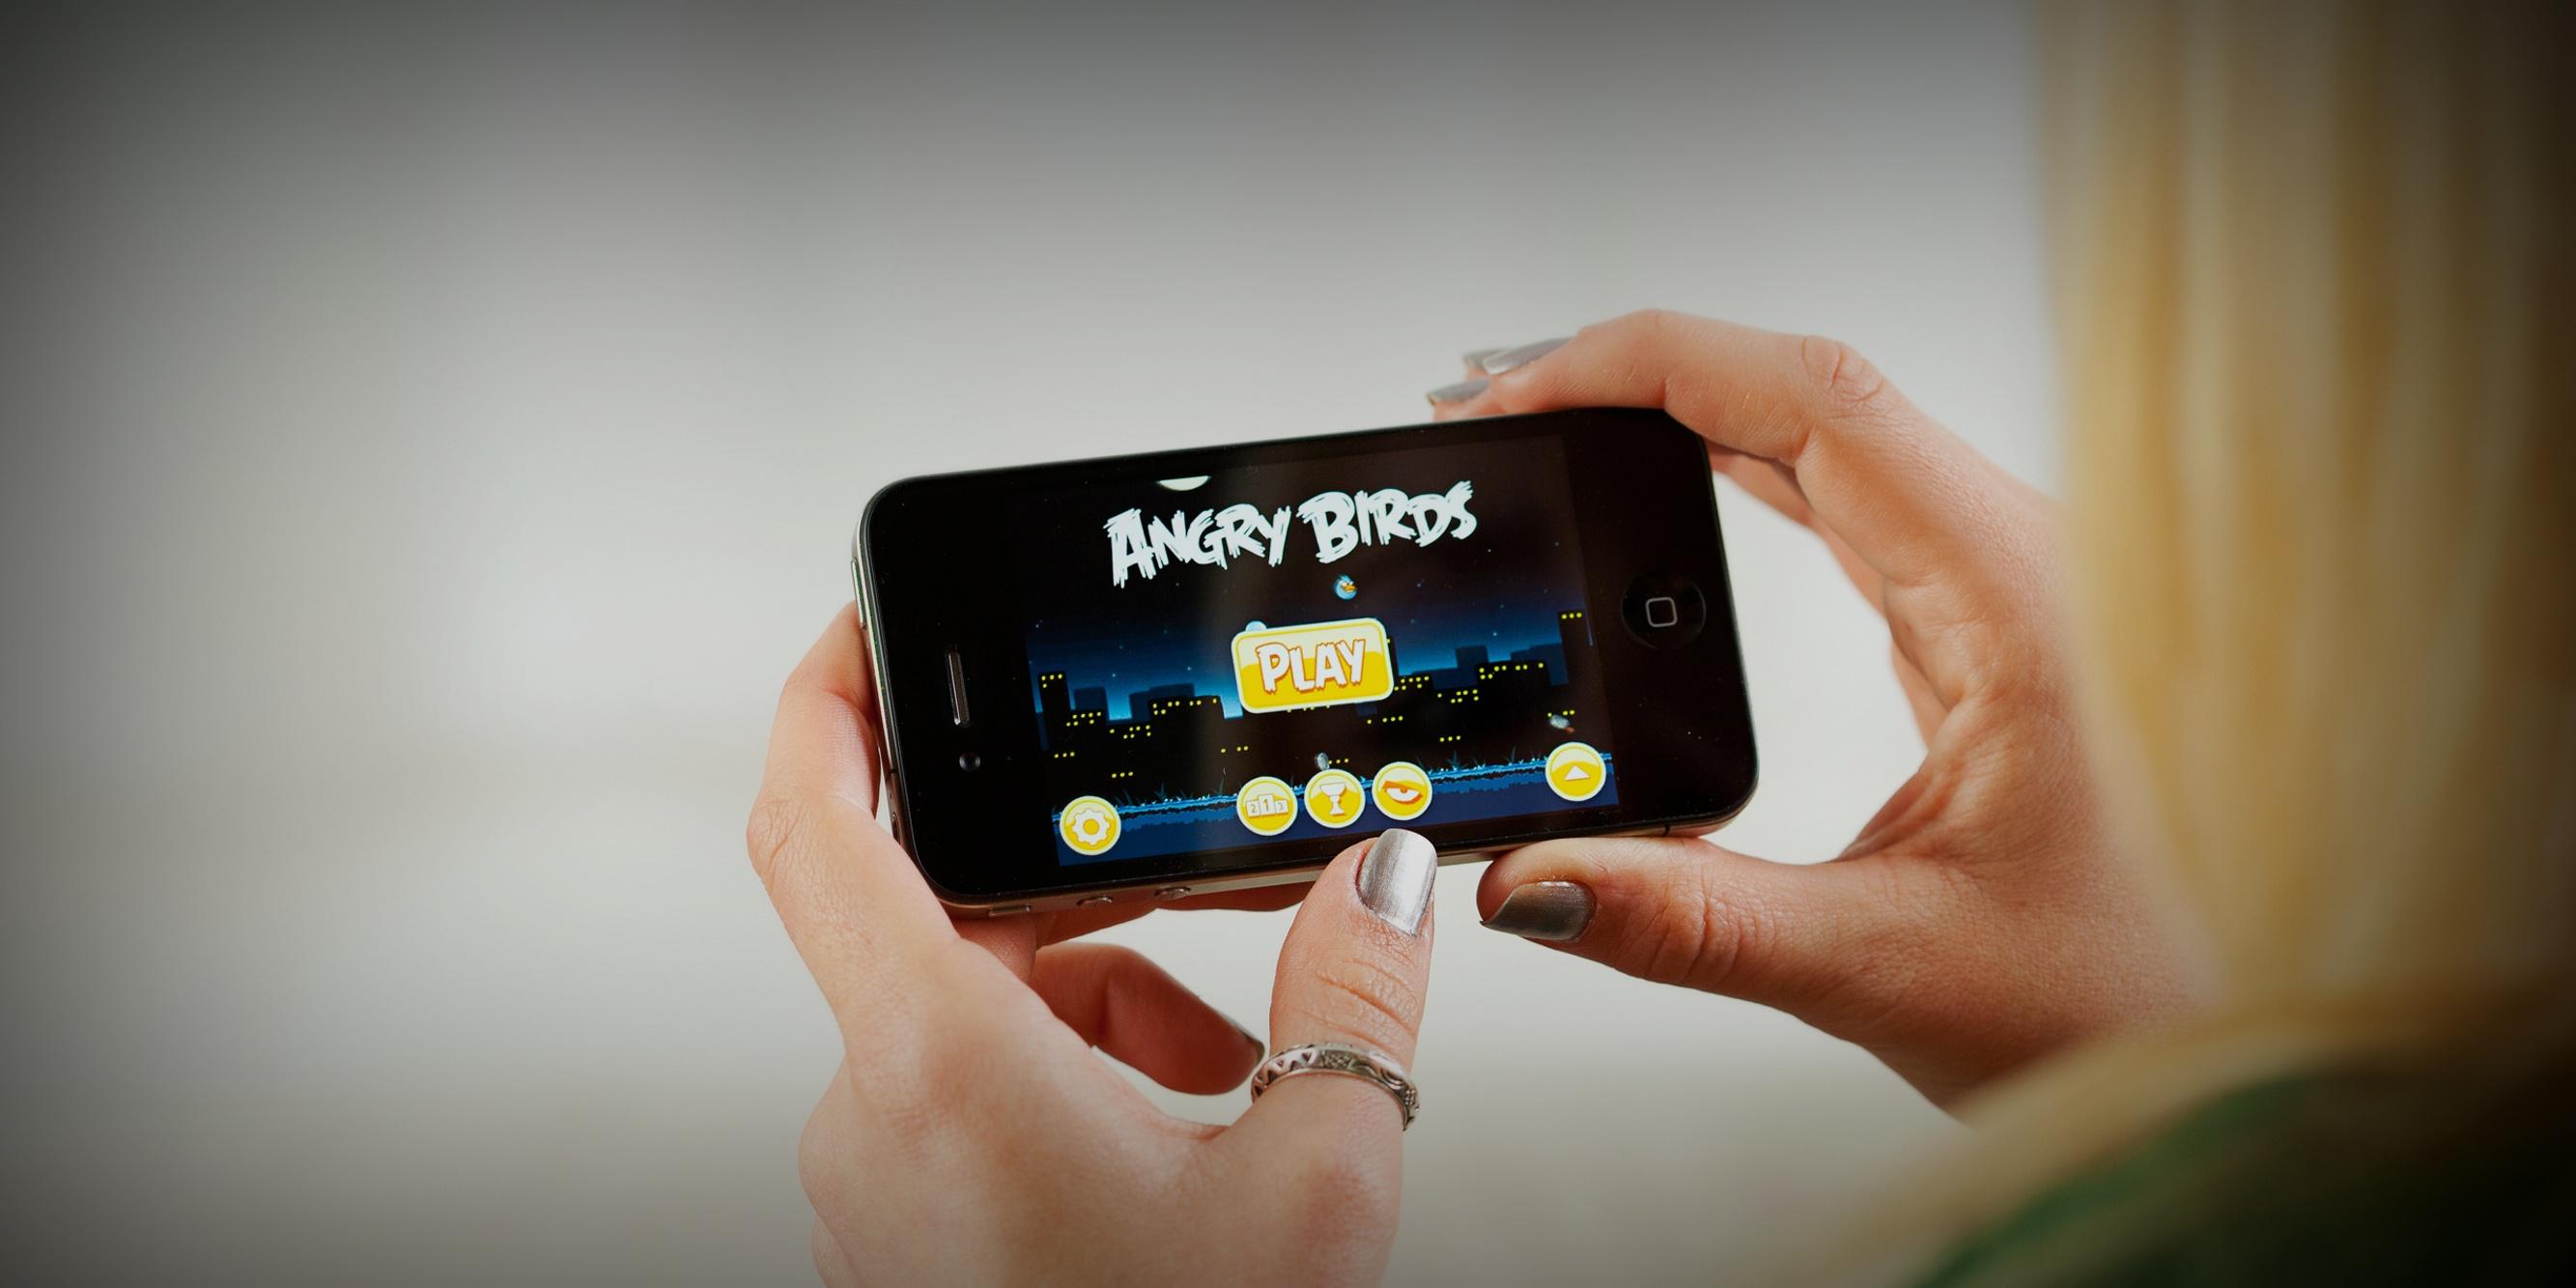 Все о ReplayKit — новой технологии iOS 9 для записи и шаринга геймплея игр